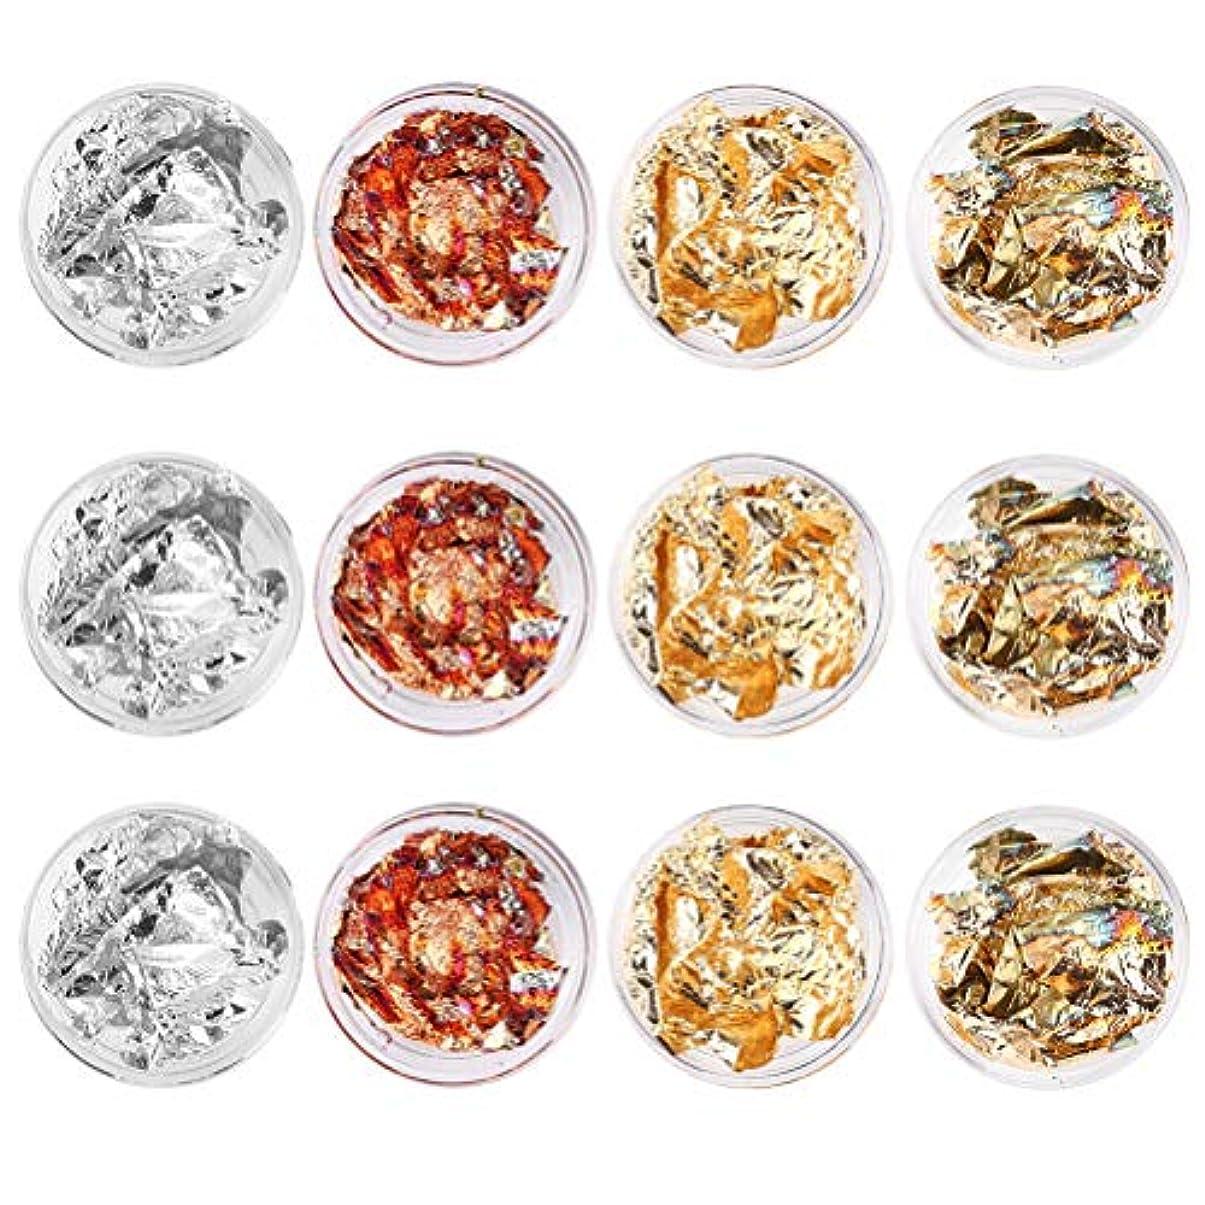 定義する推定するブームFrcolor ネイルアートステッカー金銀箔シールネイルアクセサリー女の子と女性12ピース4色